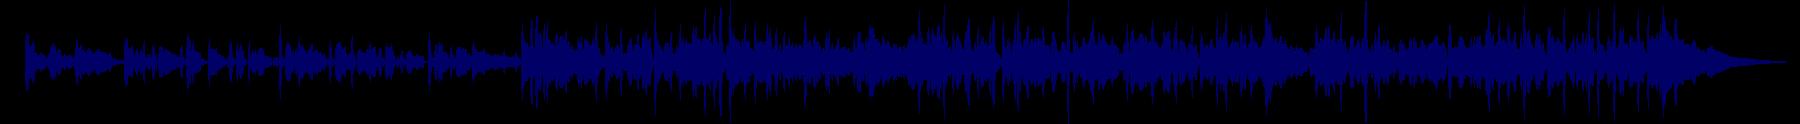 waveform of track #71178